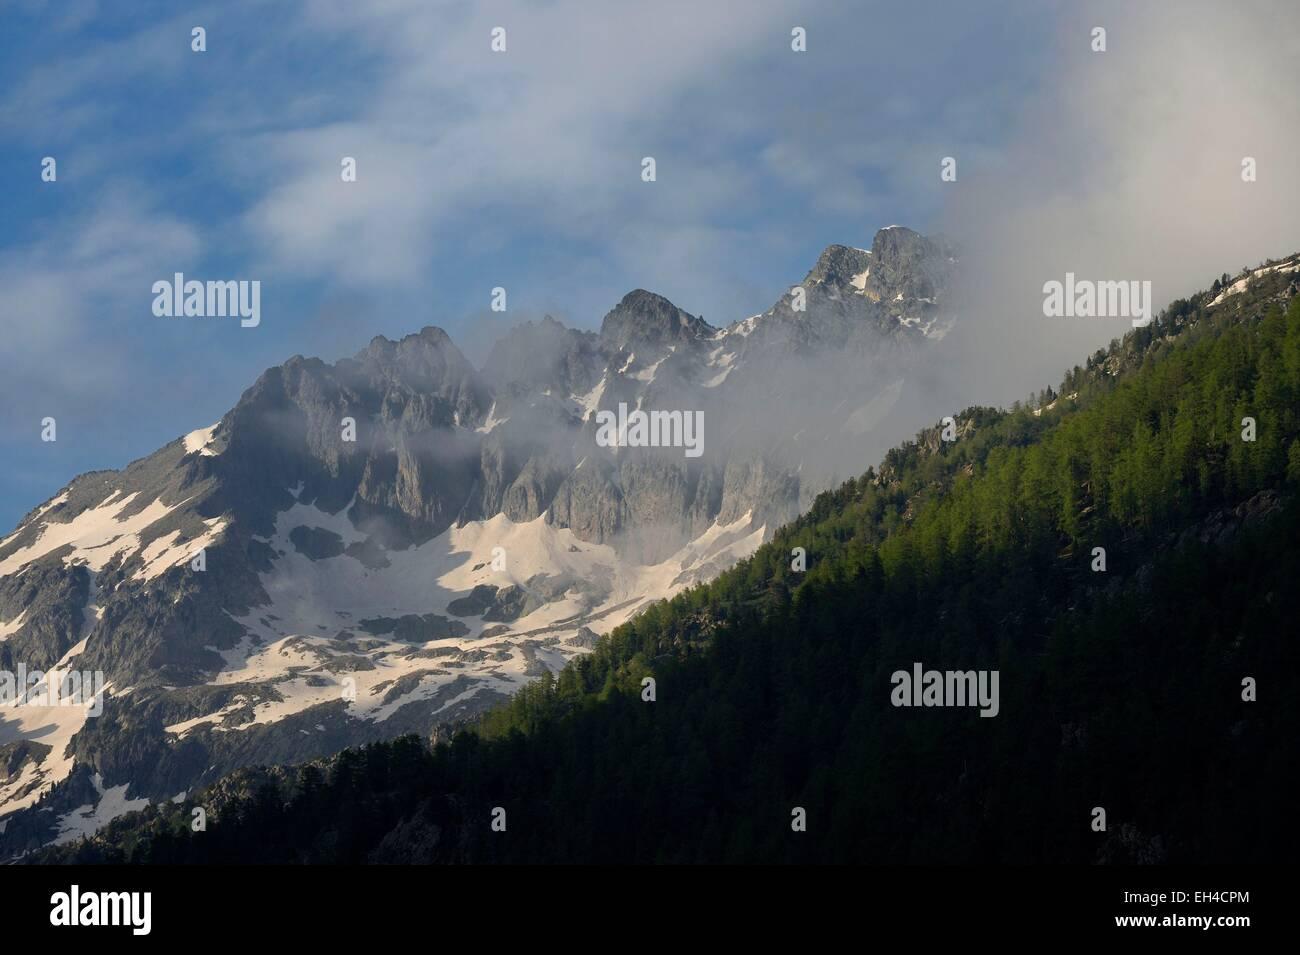 France, Alpes Maritimes, parc national du Mercantour (Mercantour national park), Haute-Vesubie, Gordolasque valley, Stock Photo